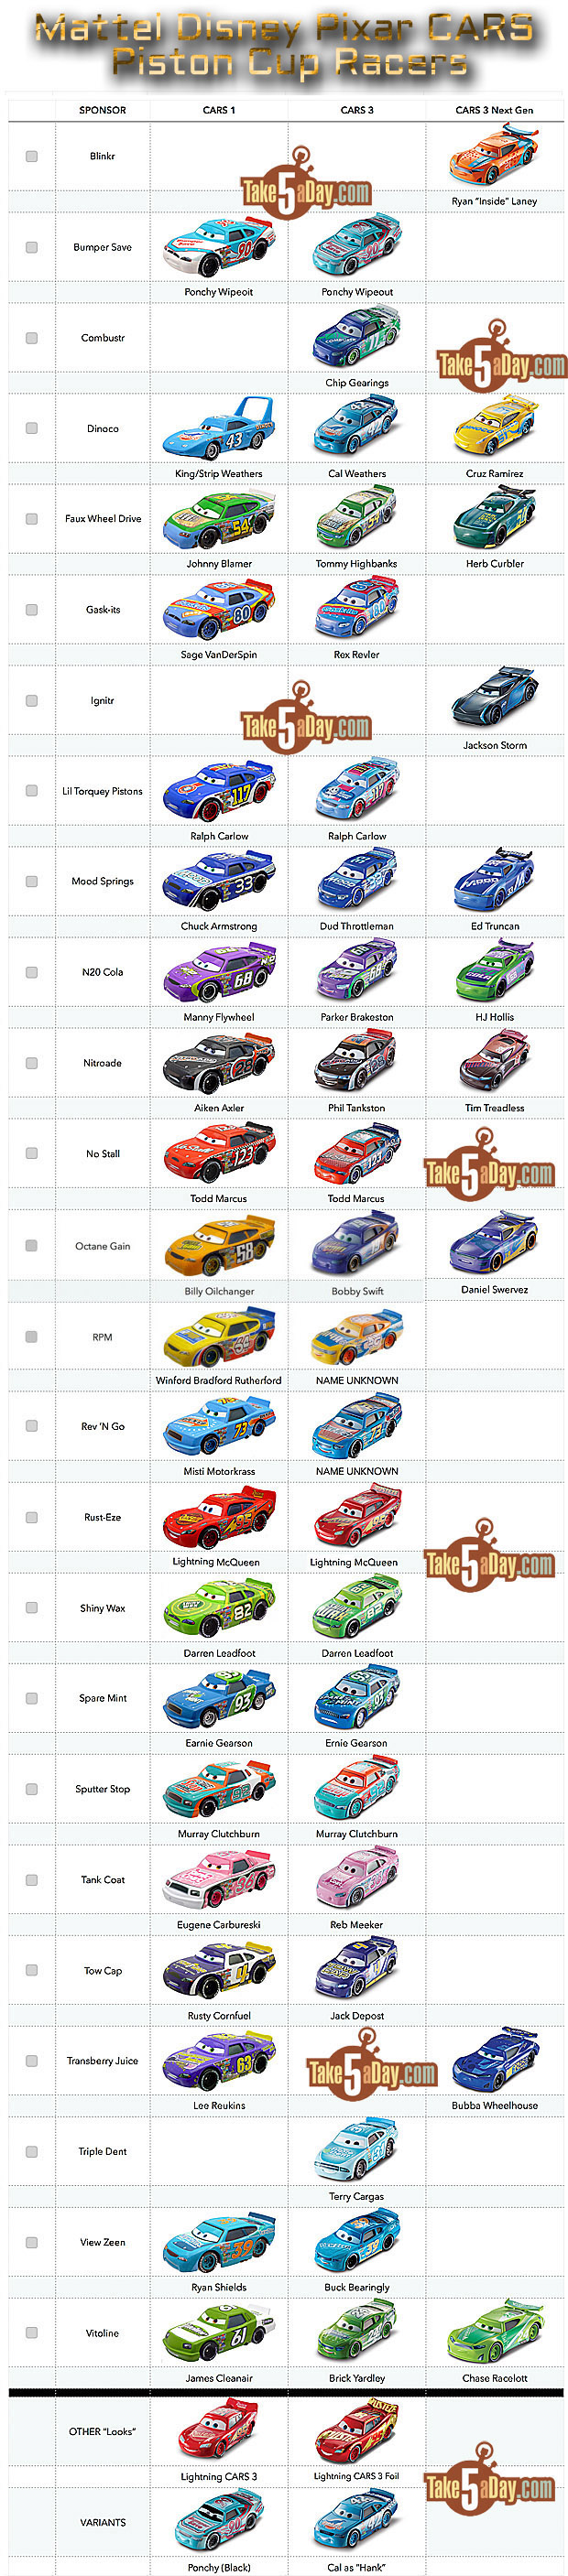 Take Five A Day Blog Archive Mattel Disney Pixar Cars 3